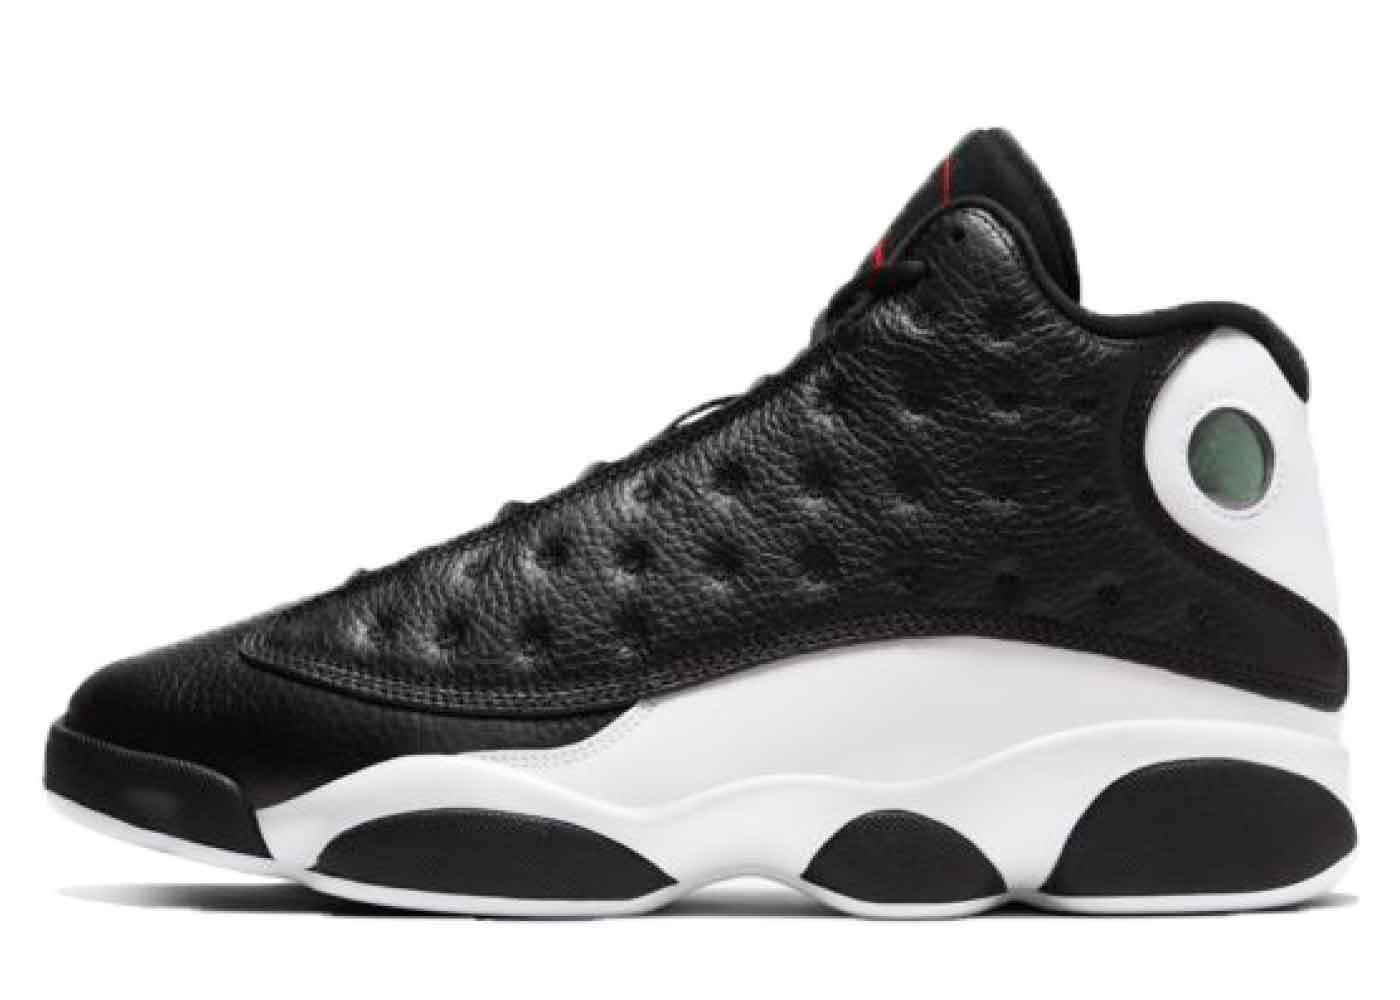 Nike Air Jordan 13 Retro Reverse He Got Gameの写真